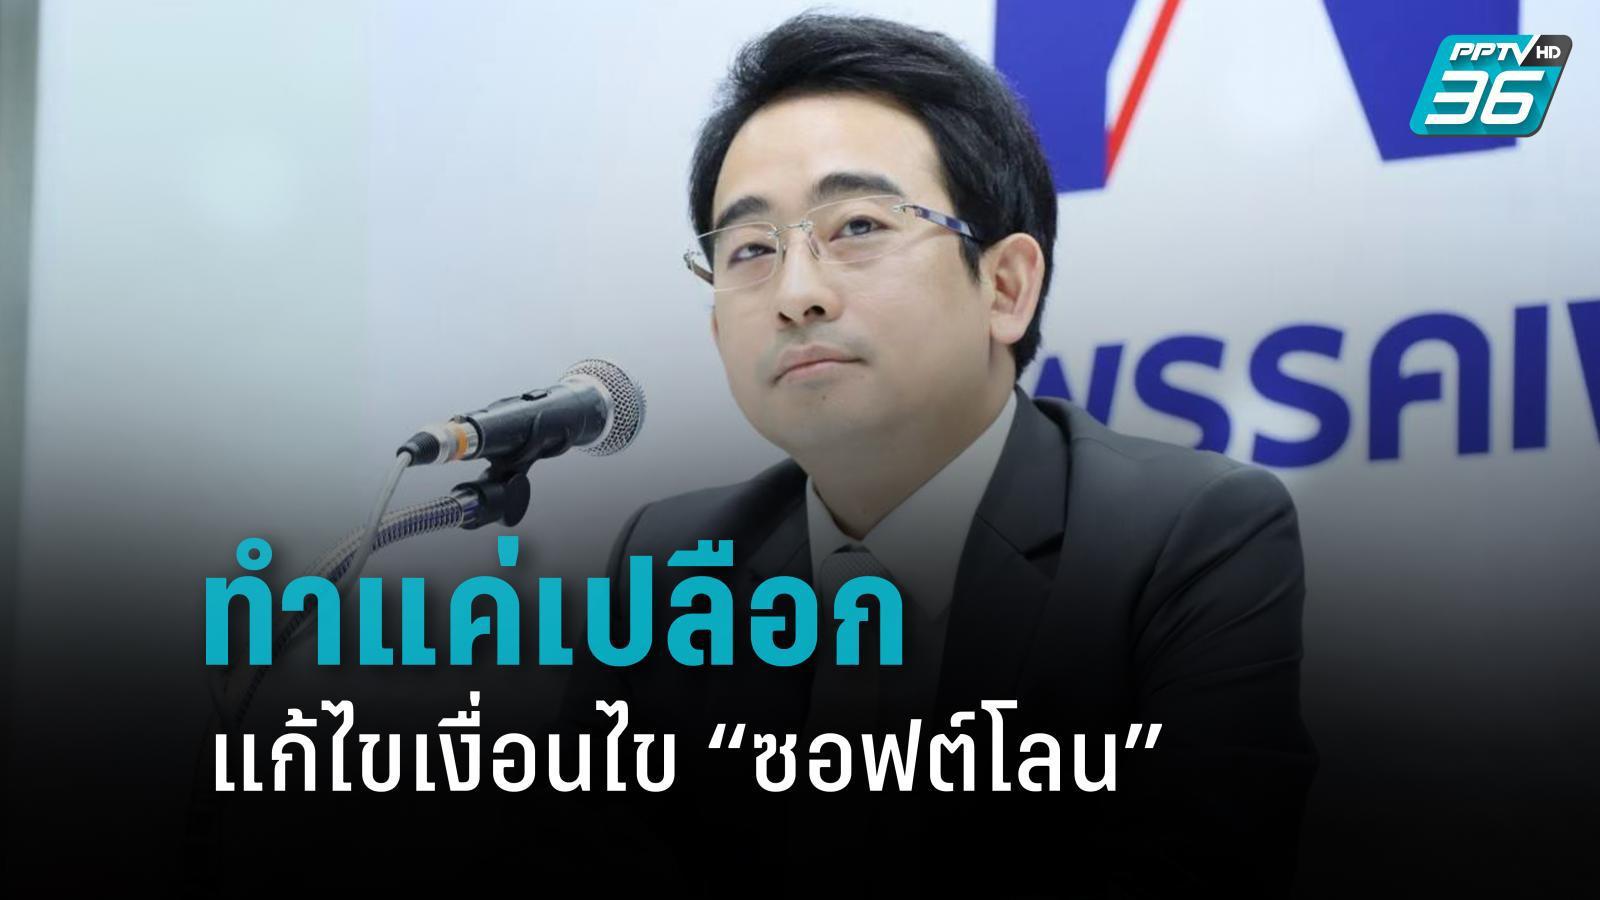 """""""เพื่อไทย"""" สวน """"อาคม"""" แก้ไขเงื่อนไข """"ซอฟต์โลน"""" ทำแค่เปลือก"""